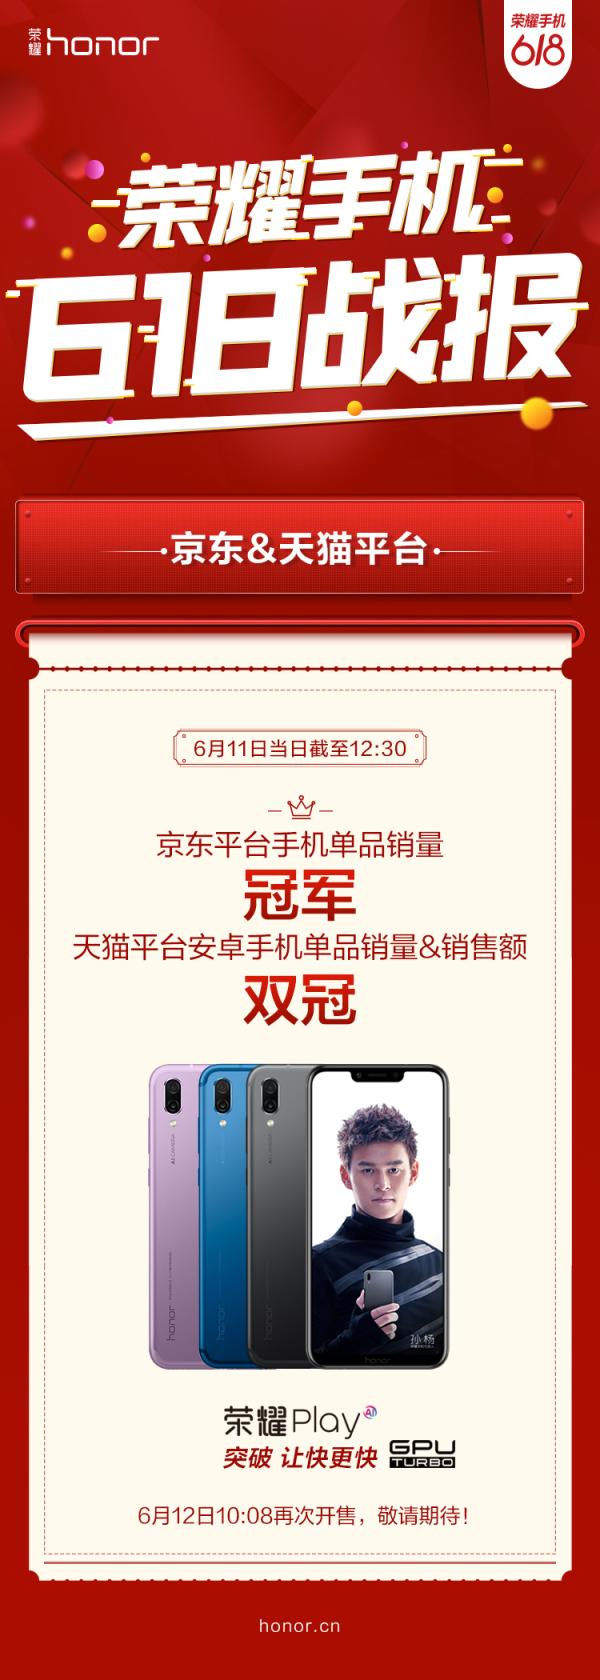 太吓人了!荣耀Play斩获京东天猫双平台手机单品销量冠军